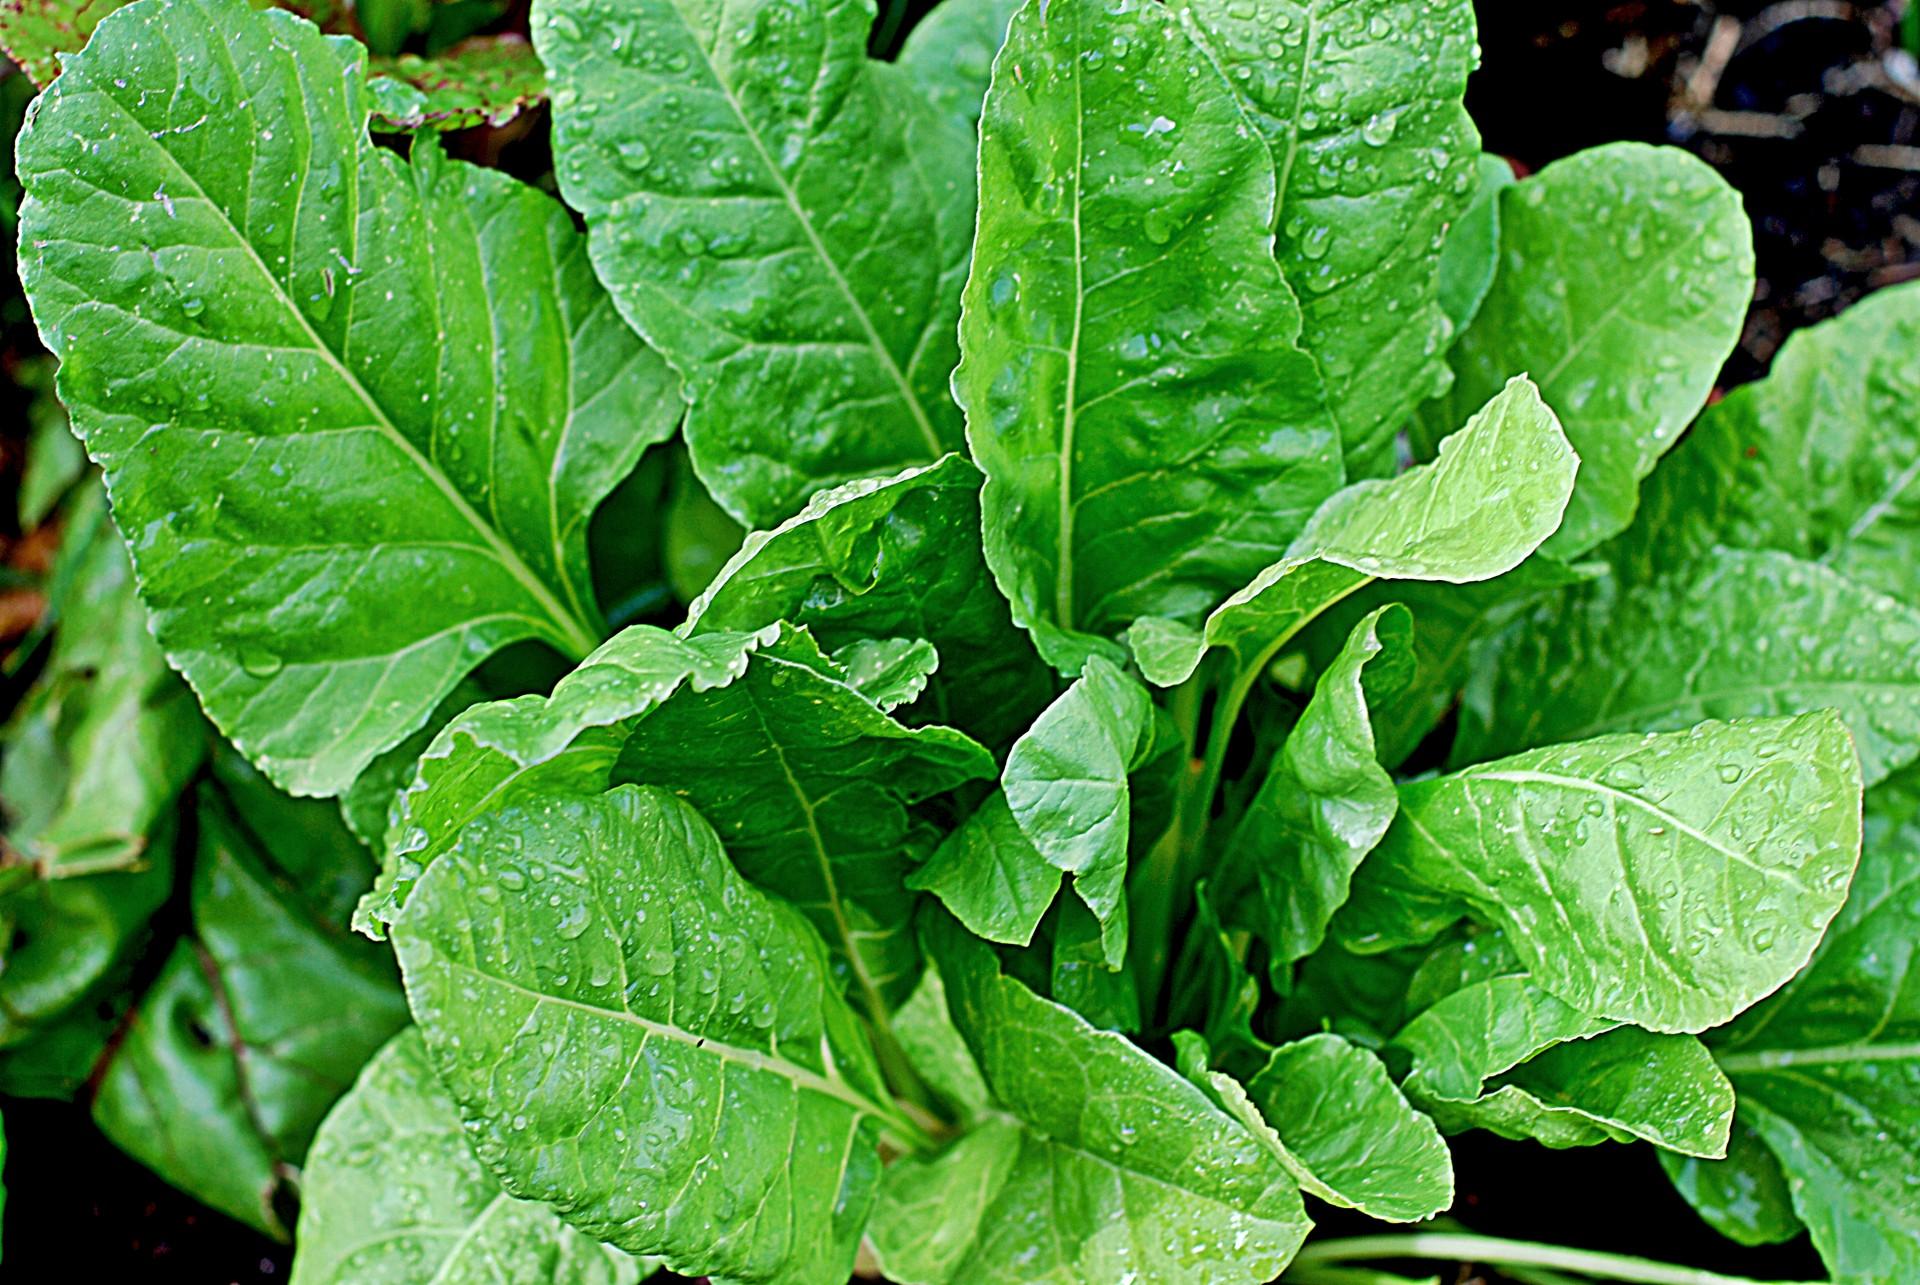 日本人だけが知らない!日本の野菜は海外で「汚染物」扱いされている、という記事について